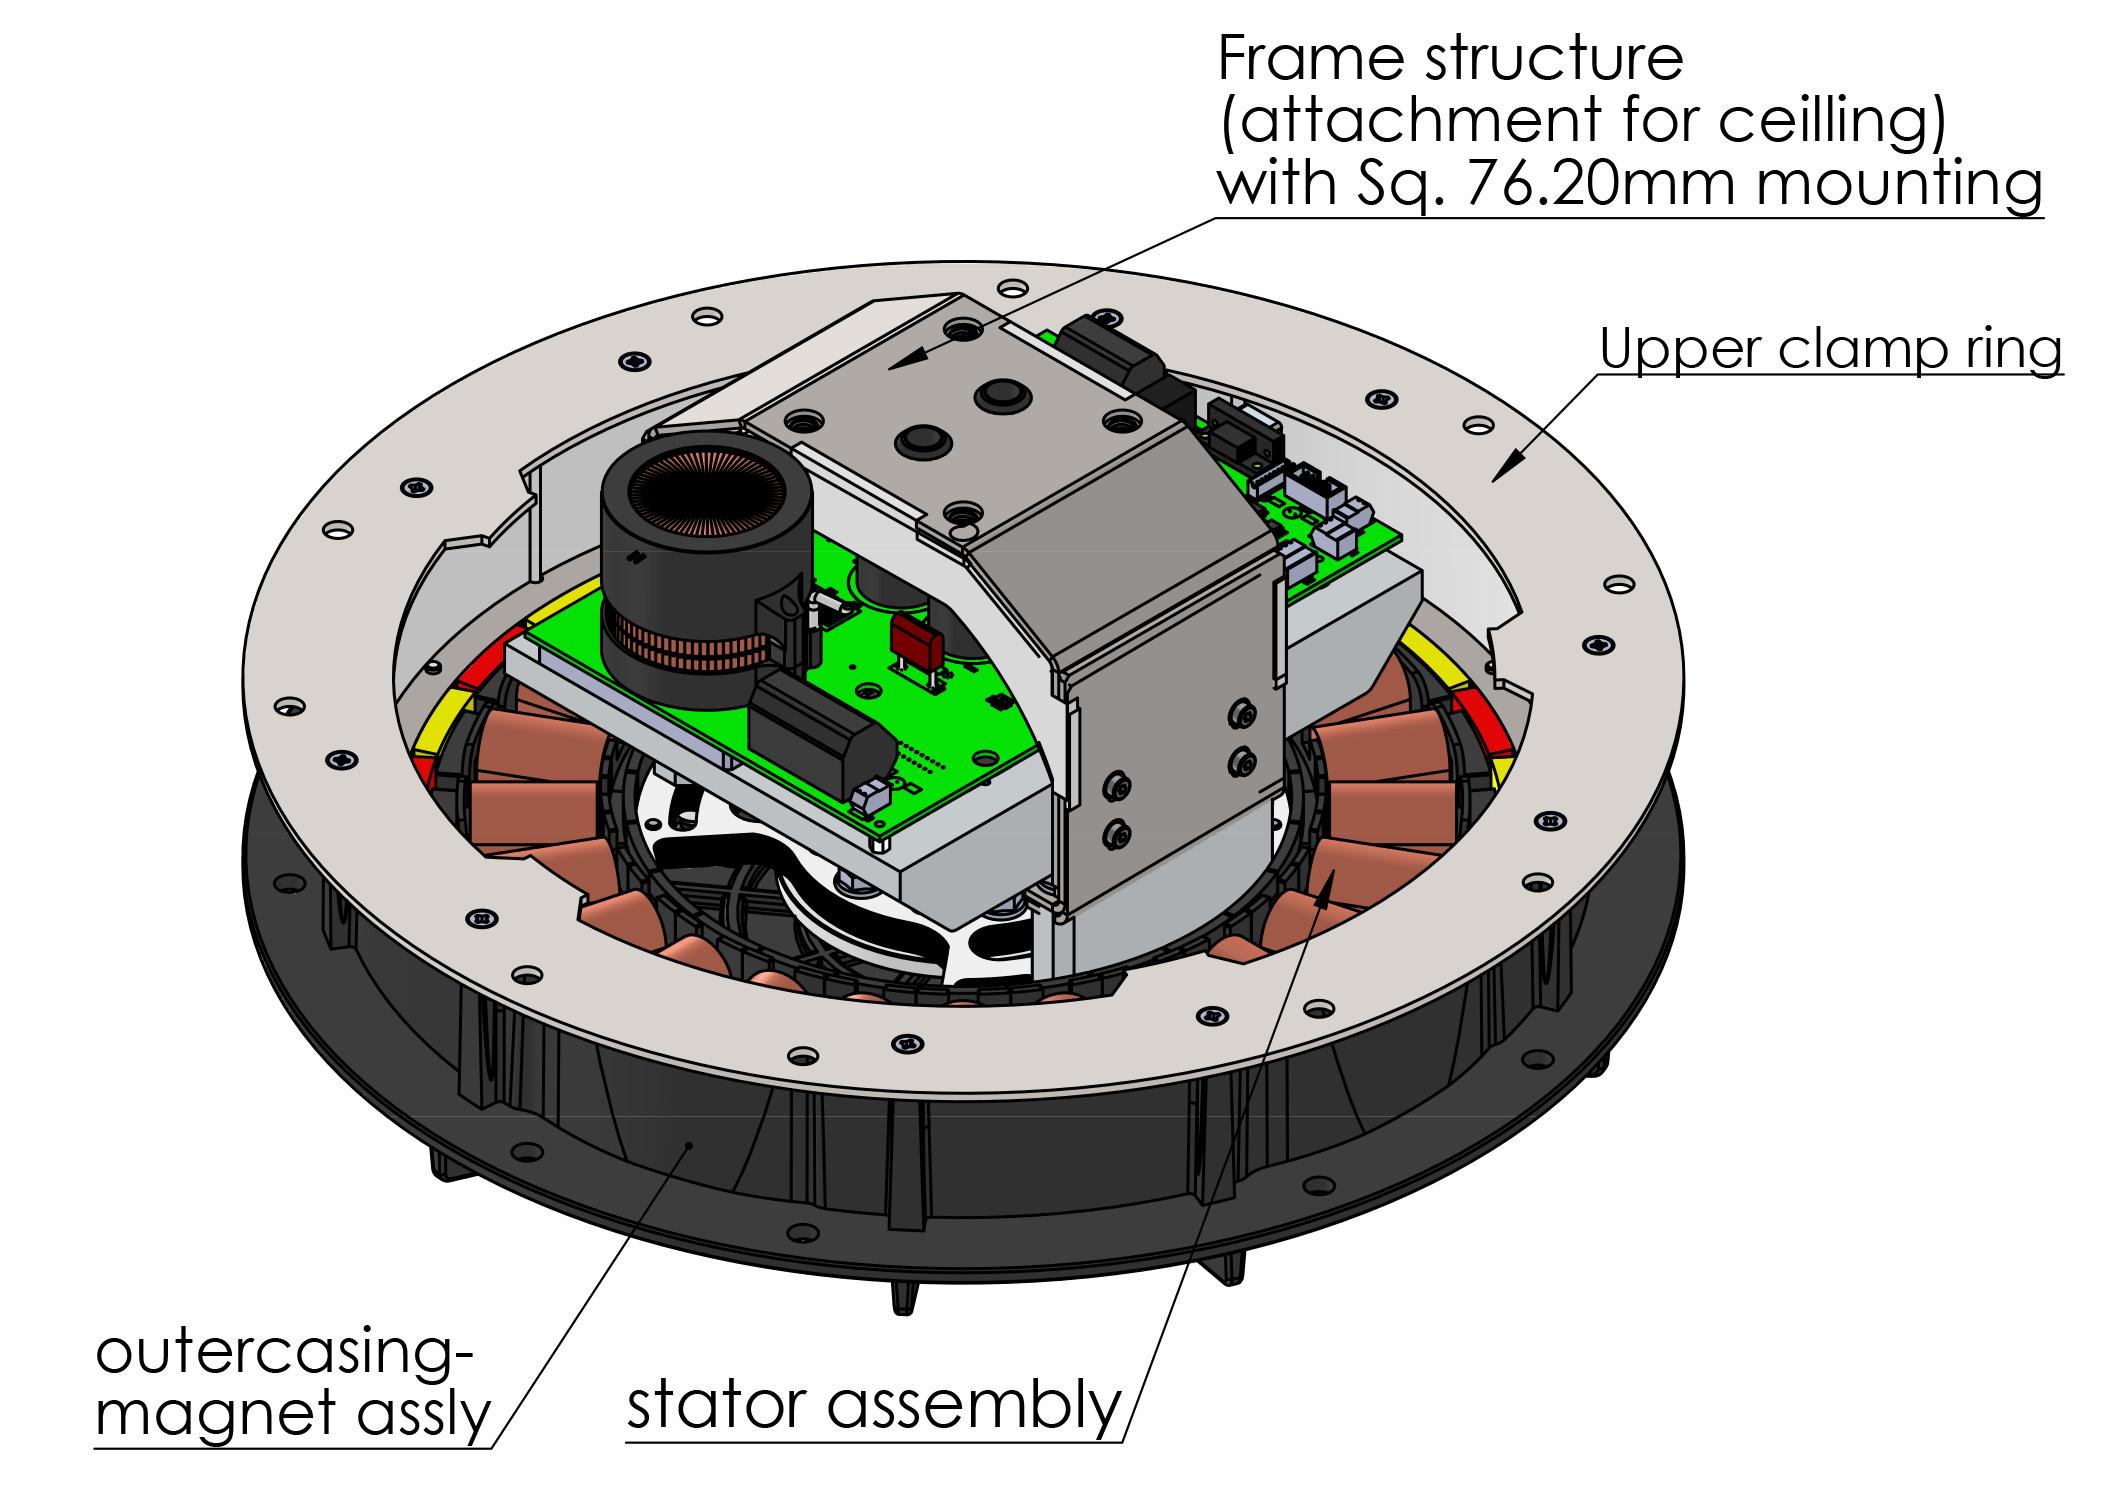 epoch-fan-assembly-1.0-side-assembly.jpg